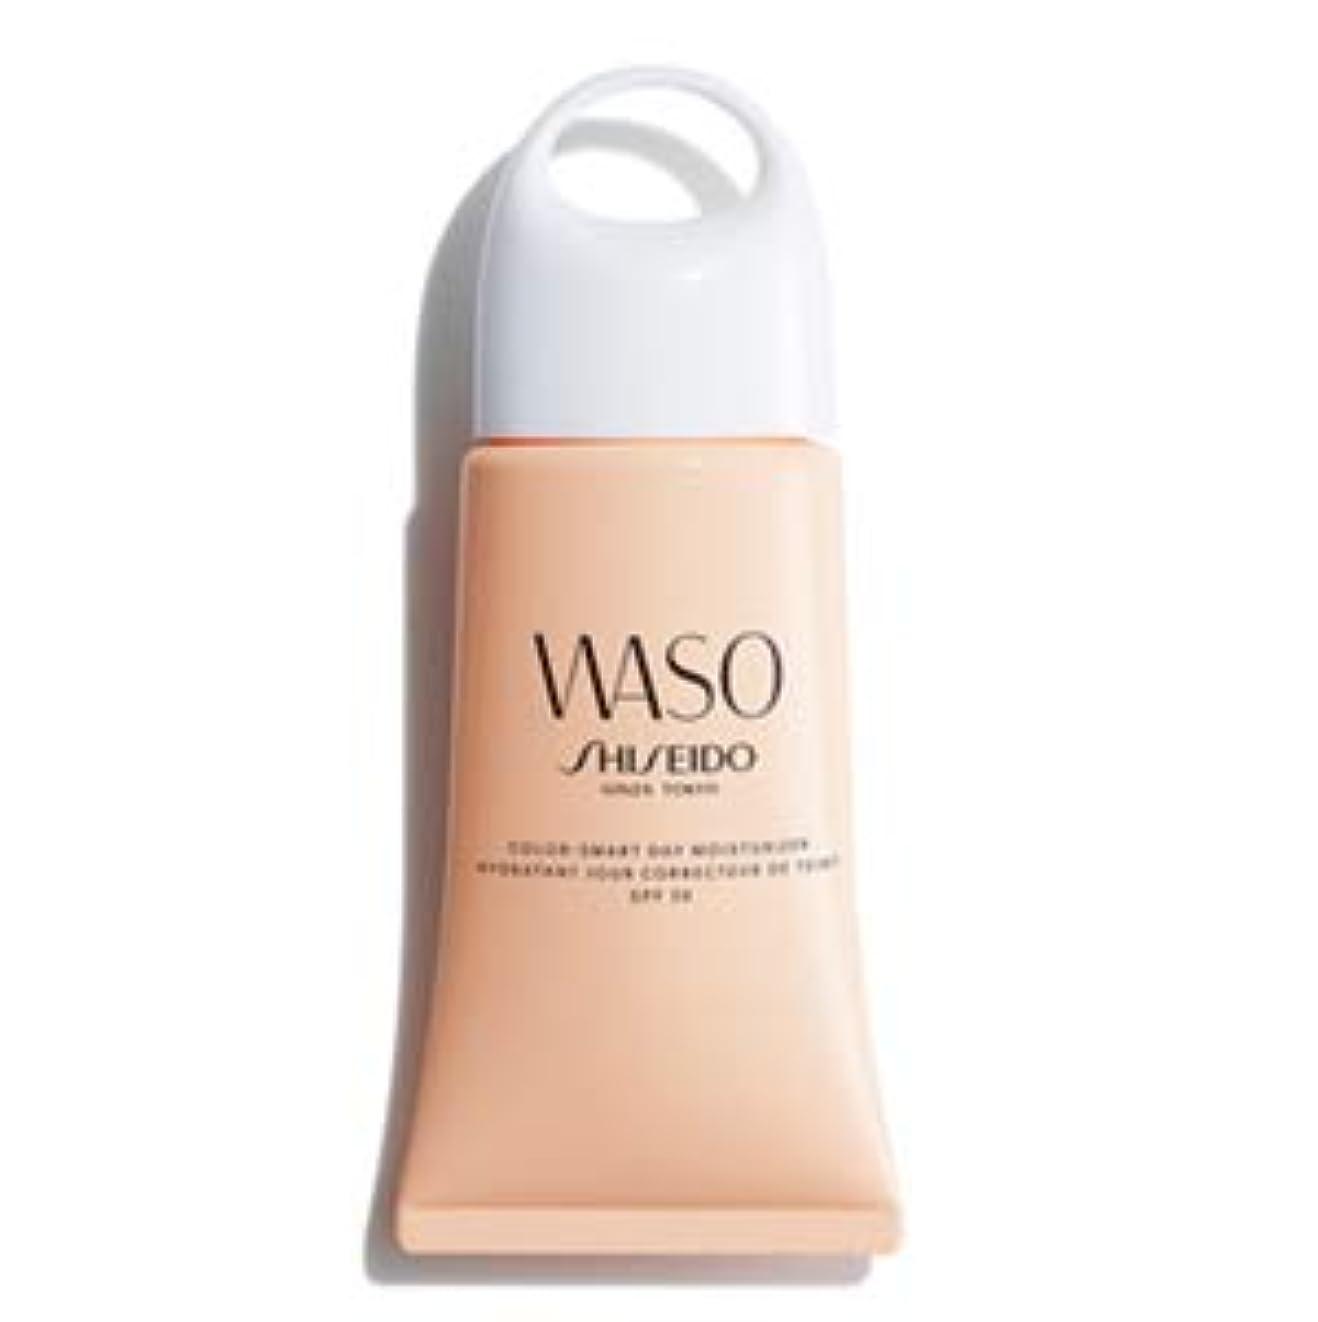 ギャングスター前述の色WASO(ワソウ) カラー スマート デー モイスチャライザー PA+++ / SPF30 (日中用乳液)_53g